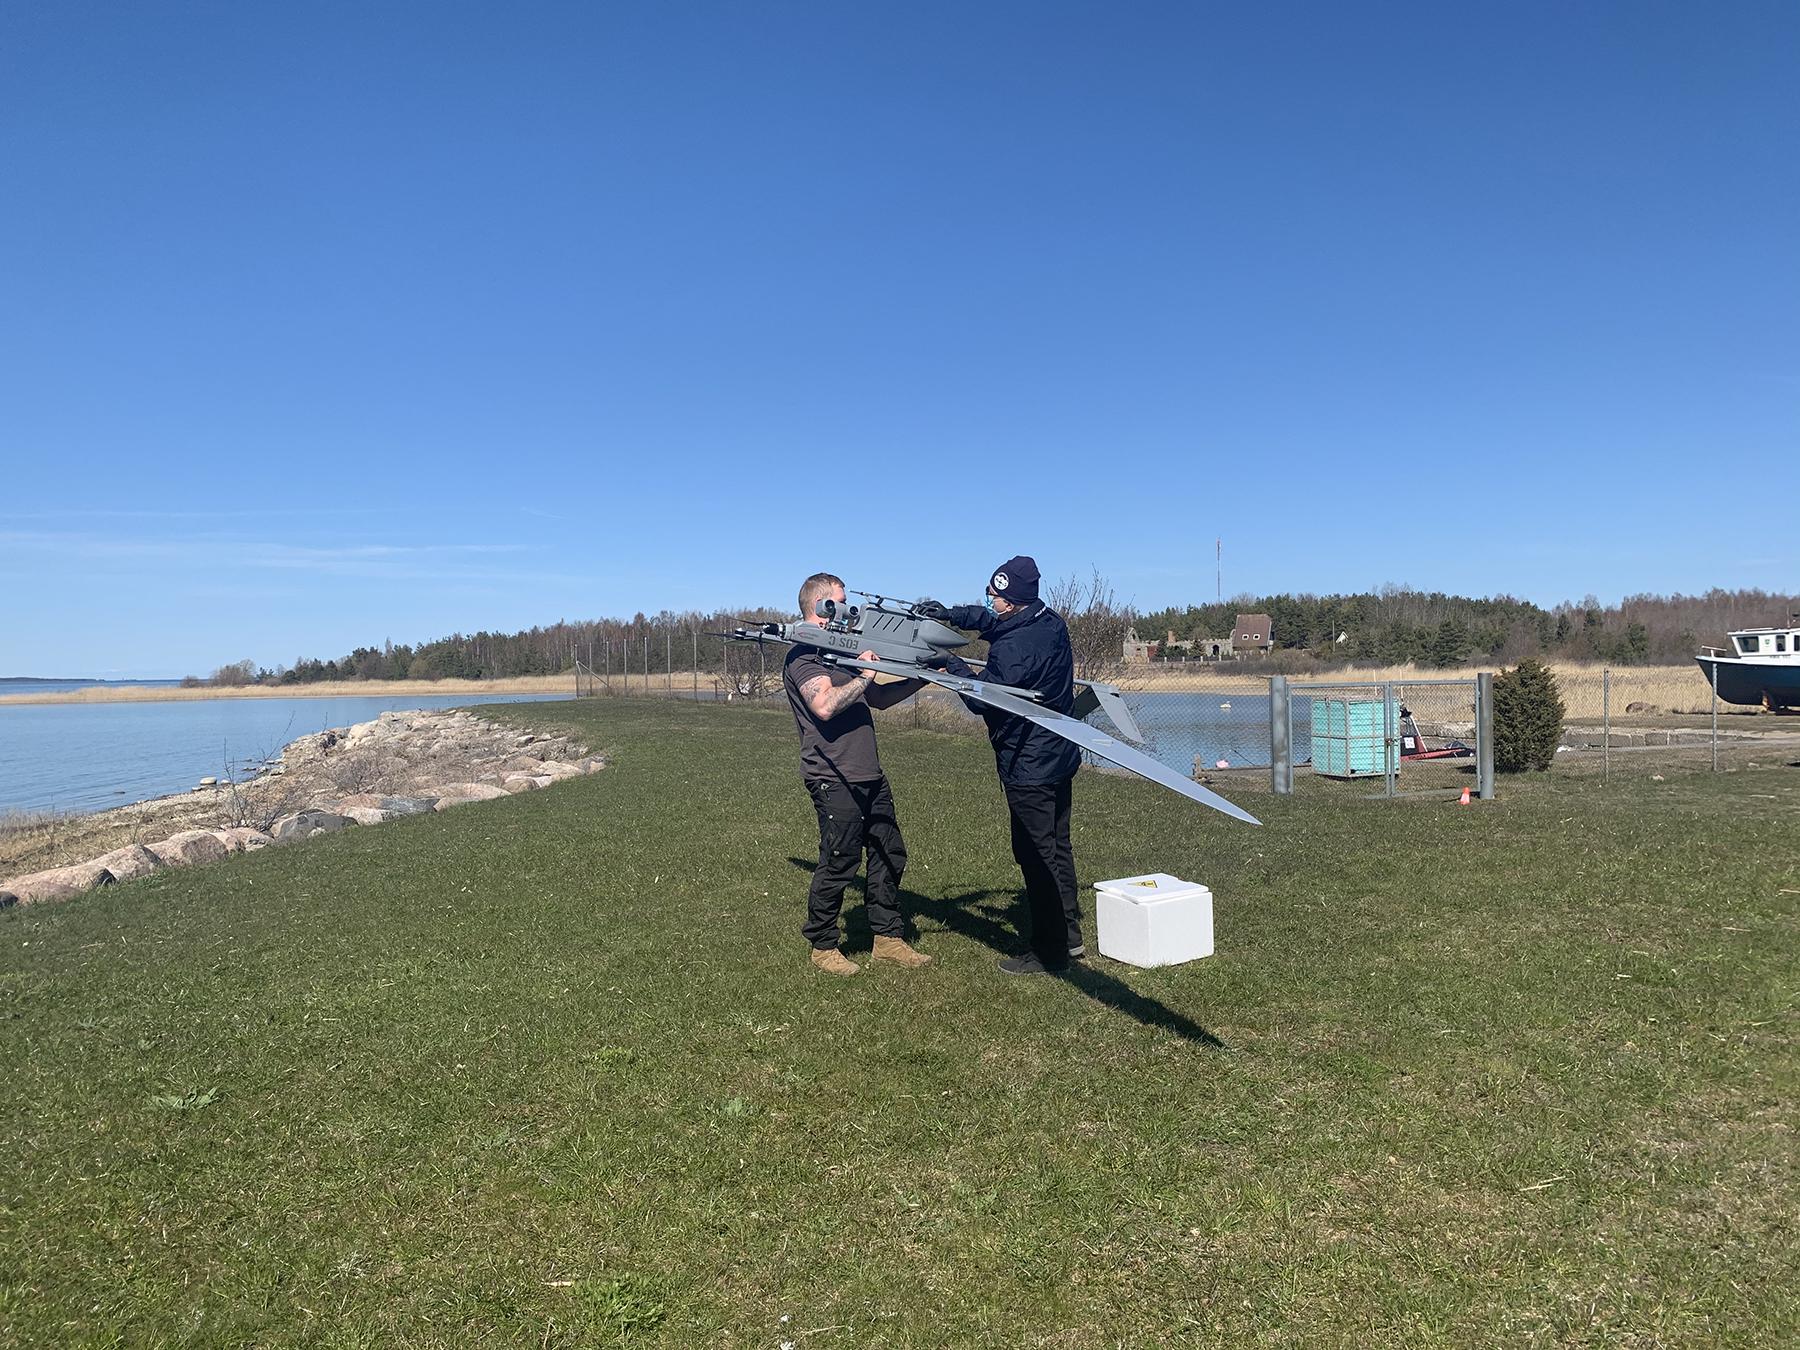 Regionaalhaigla lennutas hiidlaste proovid esmakordselt drooniga mandrile. Foto: PERH